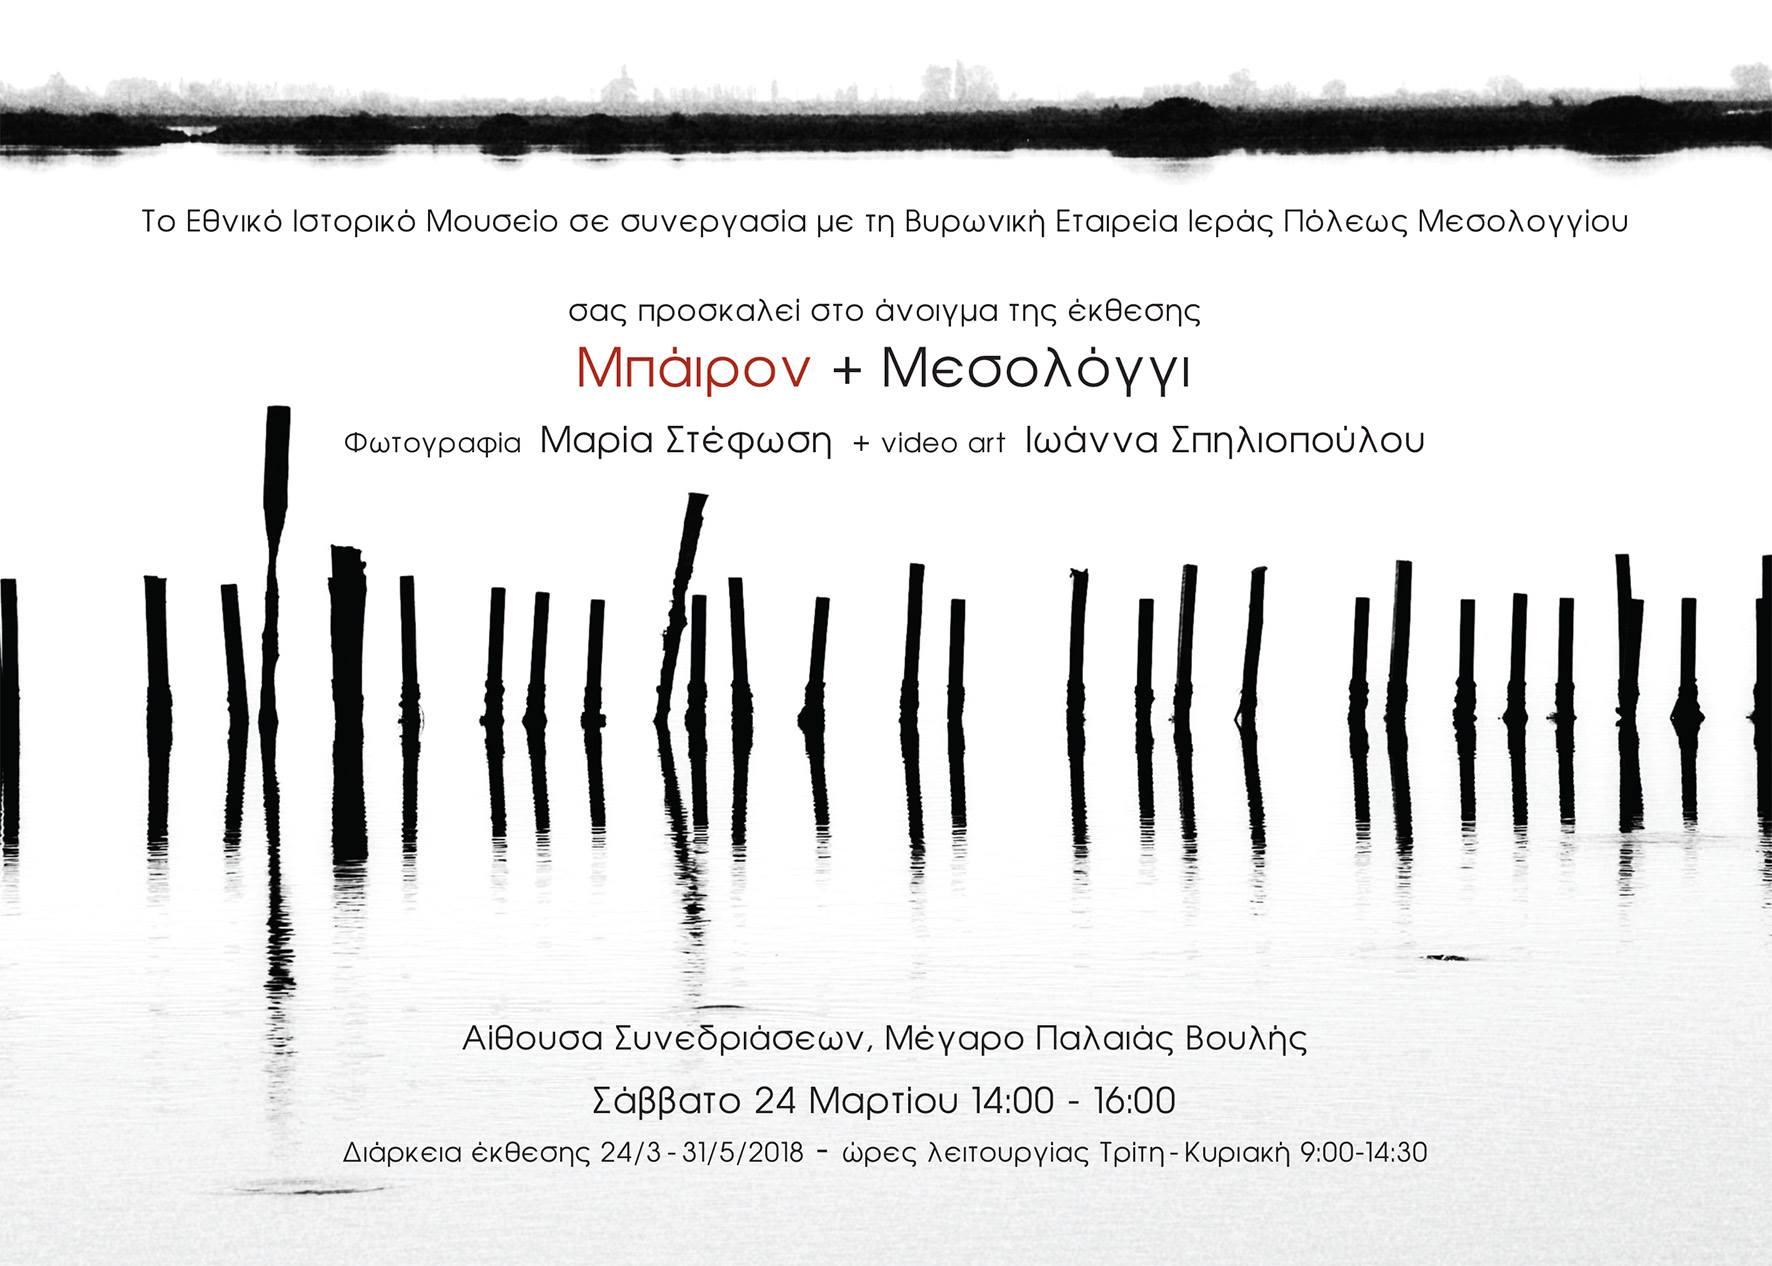 """Έκθεση """" Βύρων και Μεσολόγγι"""""""